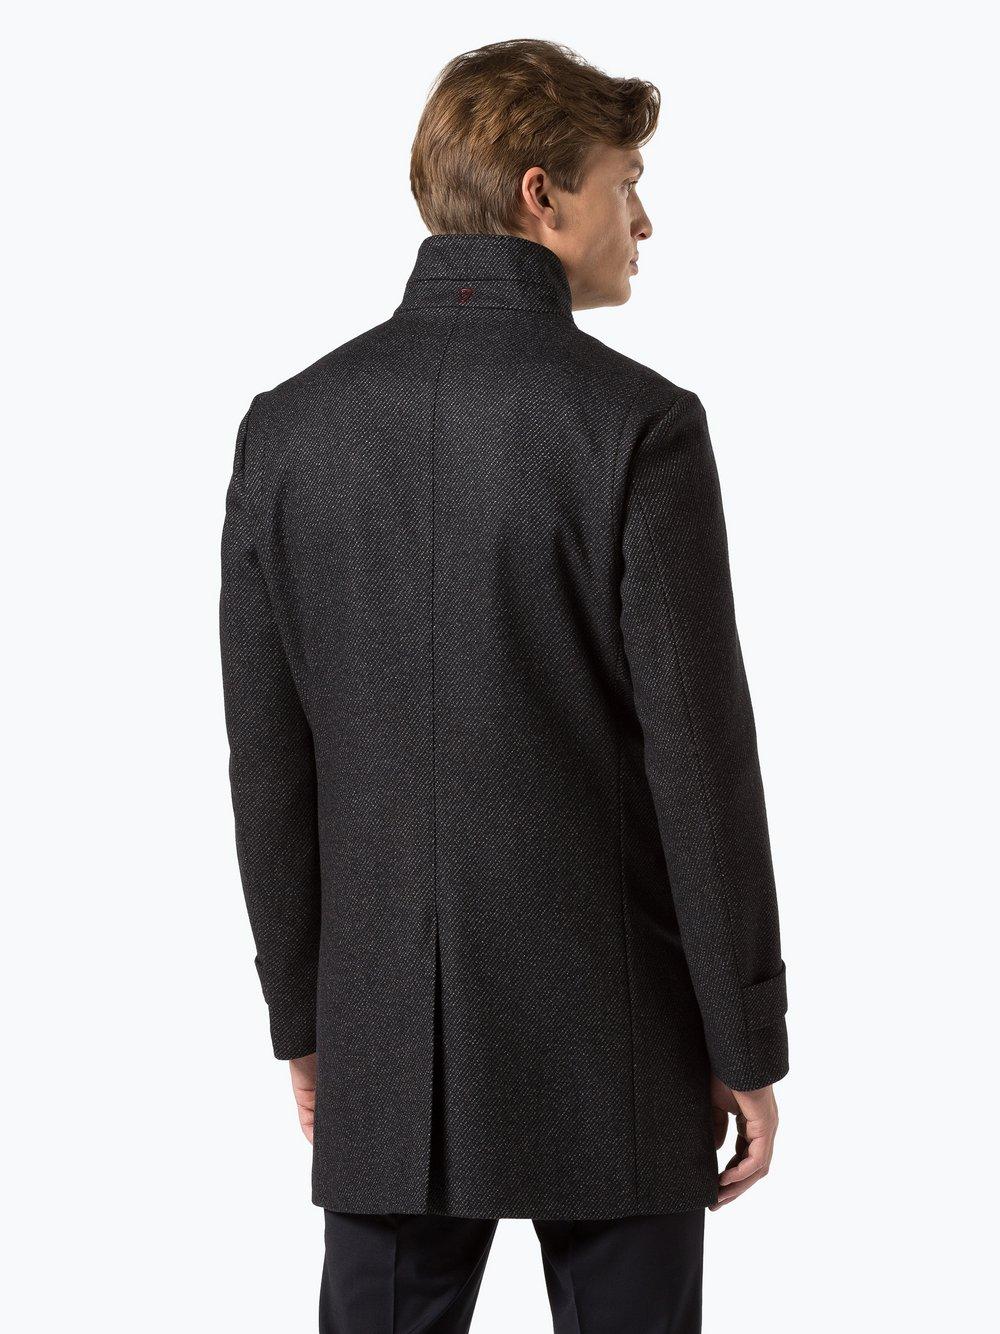 ziemlich billig Preis doppelter gutschein Strellson Herren Mantel - Joy online kaufen | PEEK-UND ...